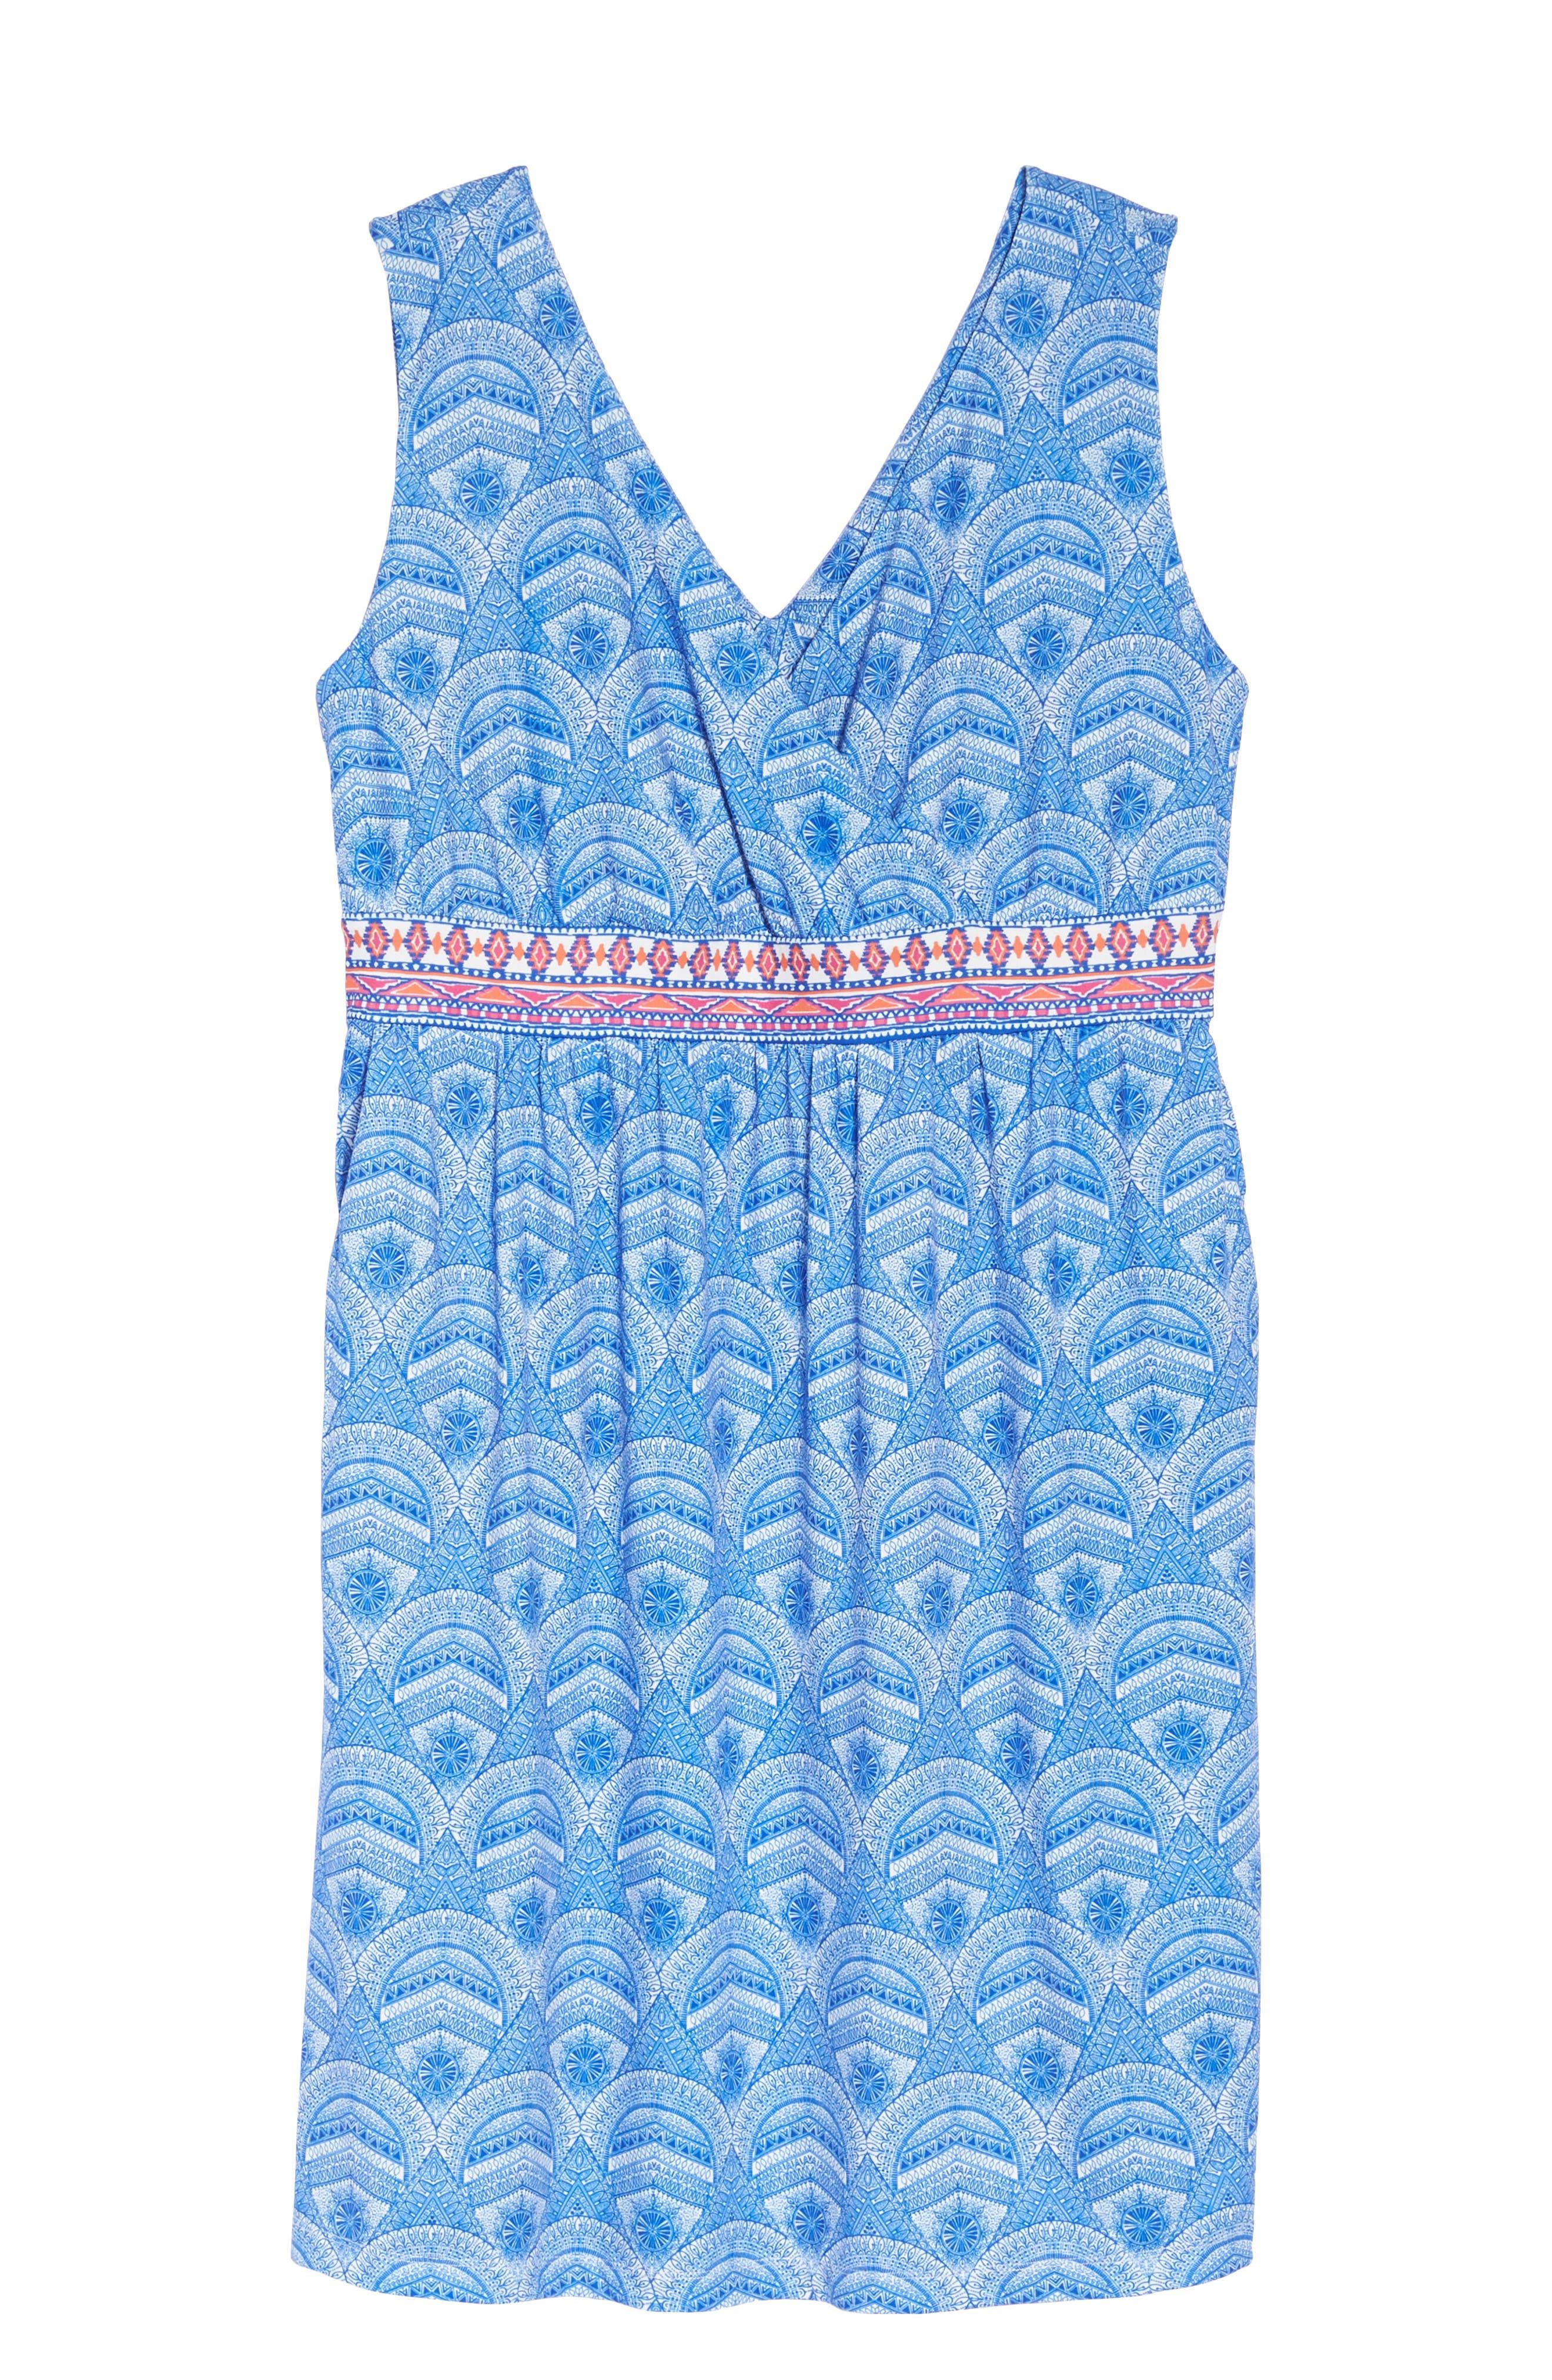 Rosine Print A-Line Dress,                             Alternate thumbnail 6, color,                             Lapis Blue